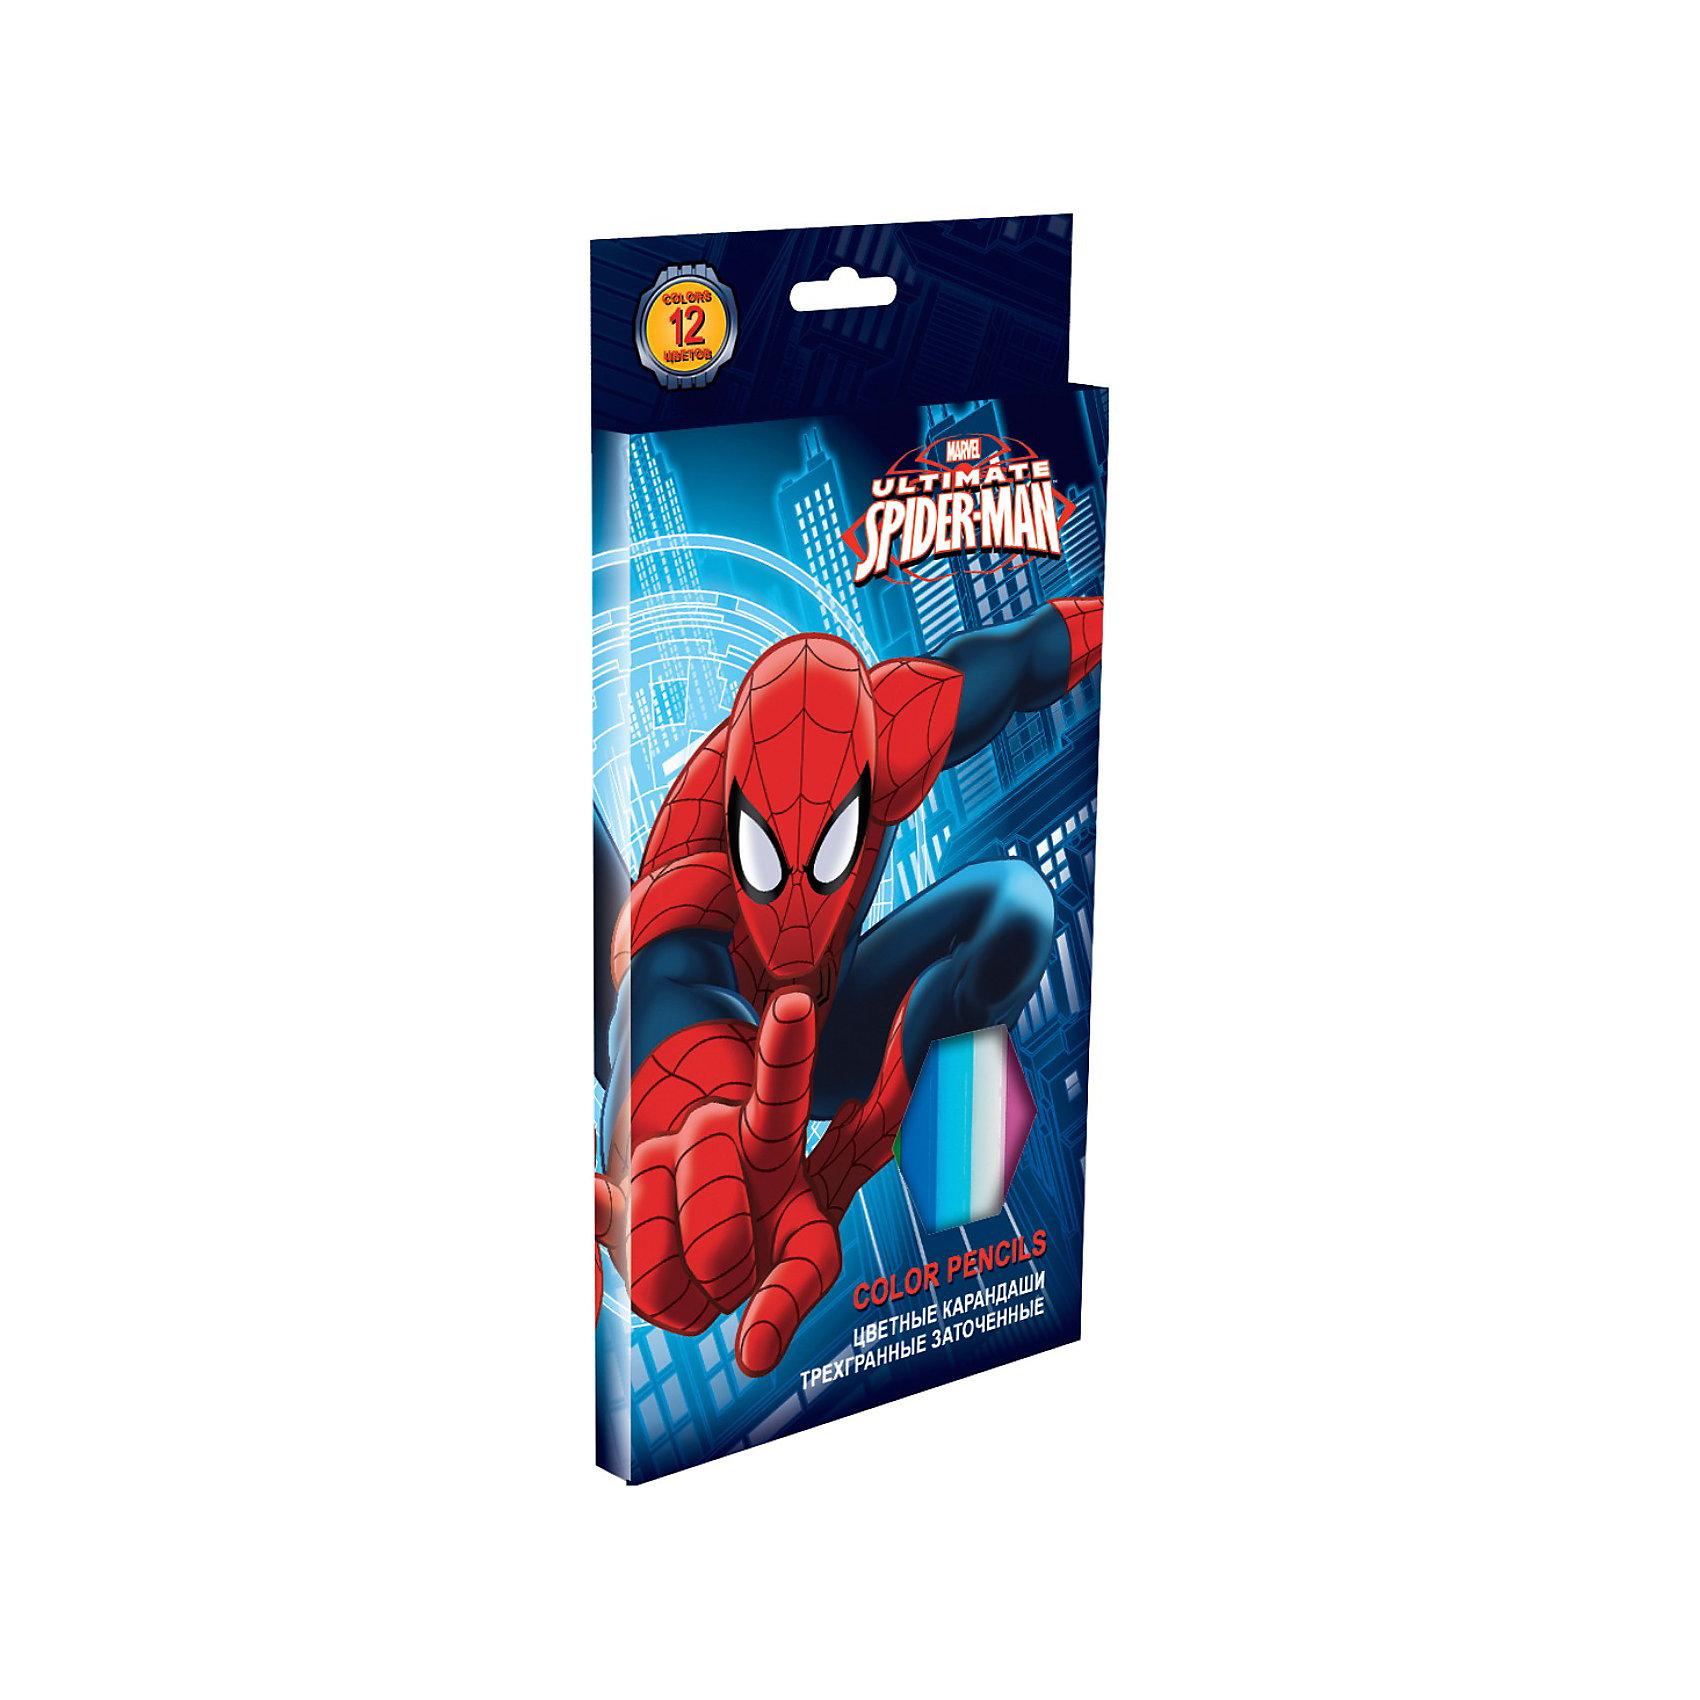 Цветные карандаши, 12 шт, треугольные толстые, Человек-ПаукНабор цветных карандашей с изображением Spider Man (Человек-паук) порадует Вашего мальчика своим качеством! В наборе: 12 шт. (треугольные толстые). <br><br>Дополнительная информация:<br><br>- цветные карандаши длиной 17,8 см. <br>- заточенные; <br>- розовое дерево; <br>- цветной грифель <br><br>Набор цветных карандашей с изображением Spider Man можно купить в нашем магазине.<br><br>Ширина мм: 200<br>Глубина мм: 100<br>Высота мм: 10<br>Вес г: 150<br>Возраст от месяцев: 48<br>Возраст до месяцев: 84<br>Пол: Мужской<br>Возраст: Детский<br>SKU: 3563009